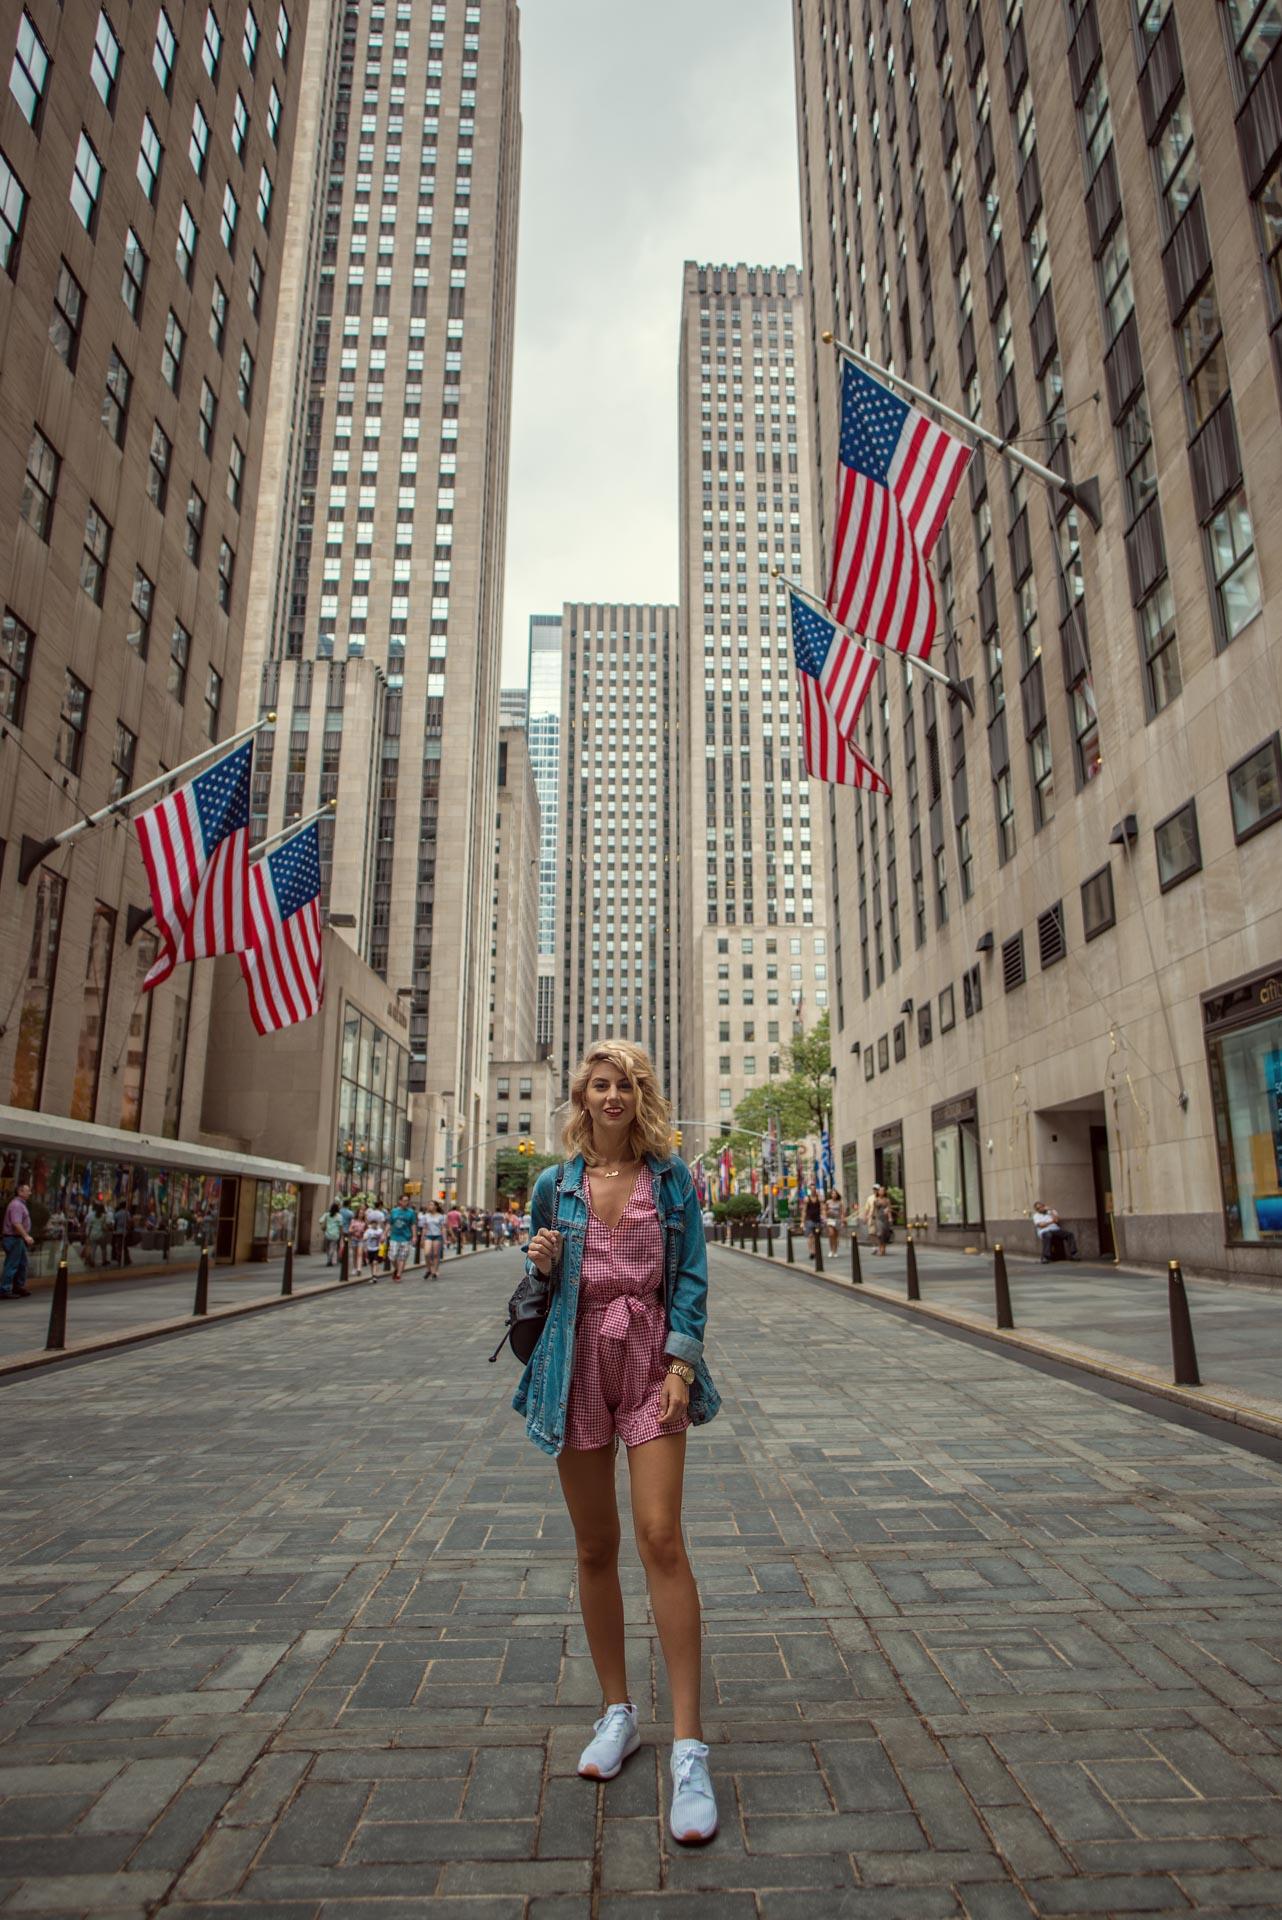 911 Memorial, m-a emotionat pana la lacrimi